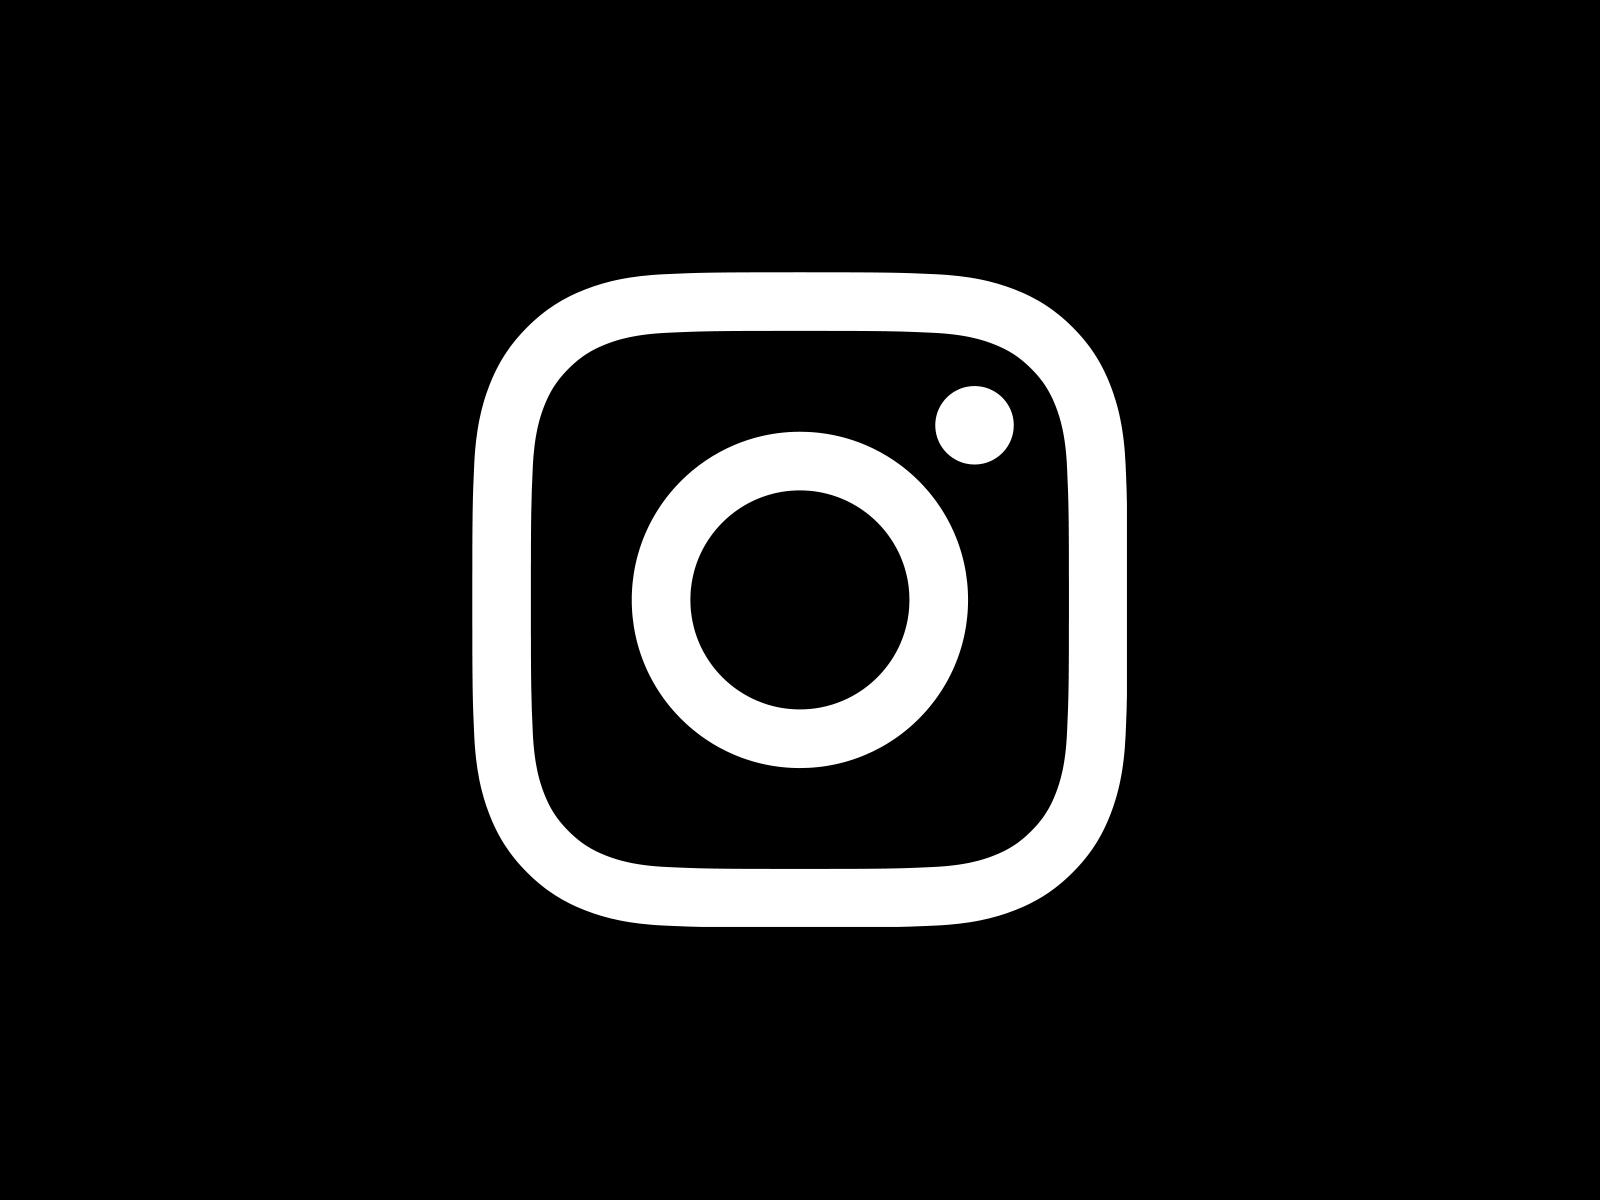 Como trocar o ícone do Instagram